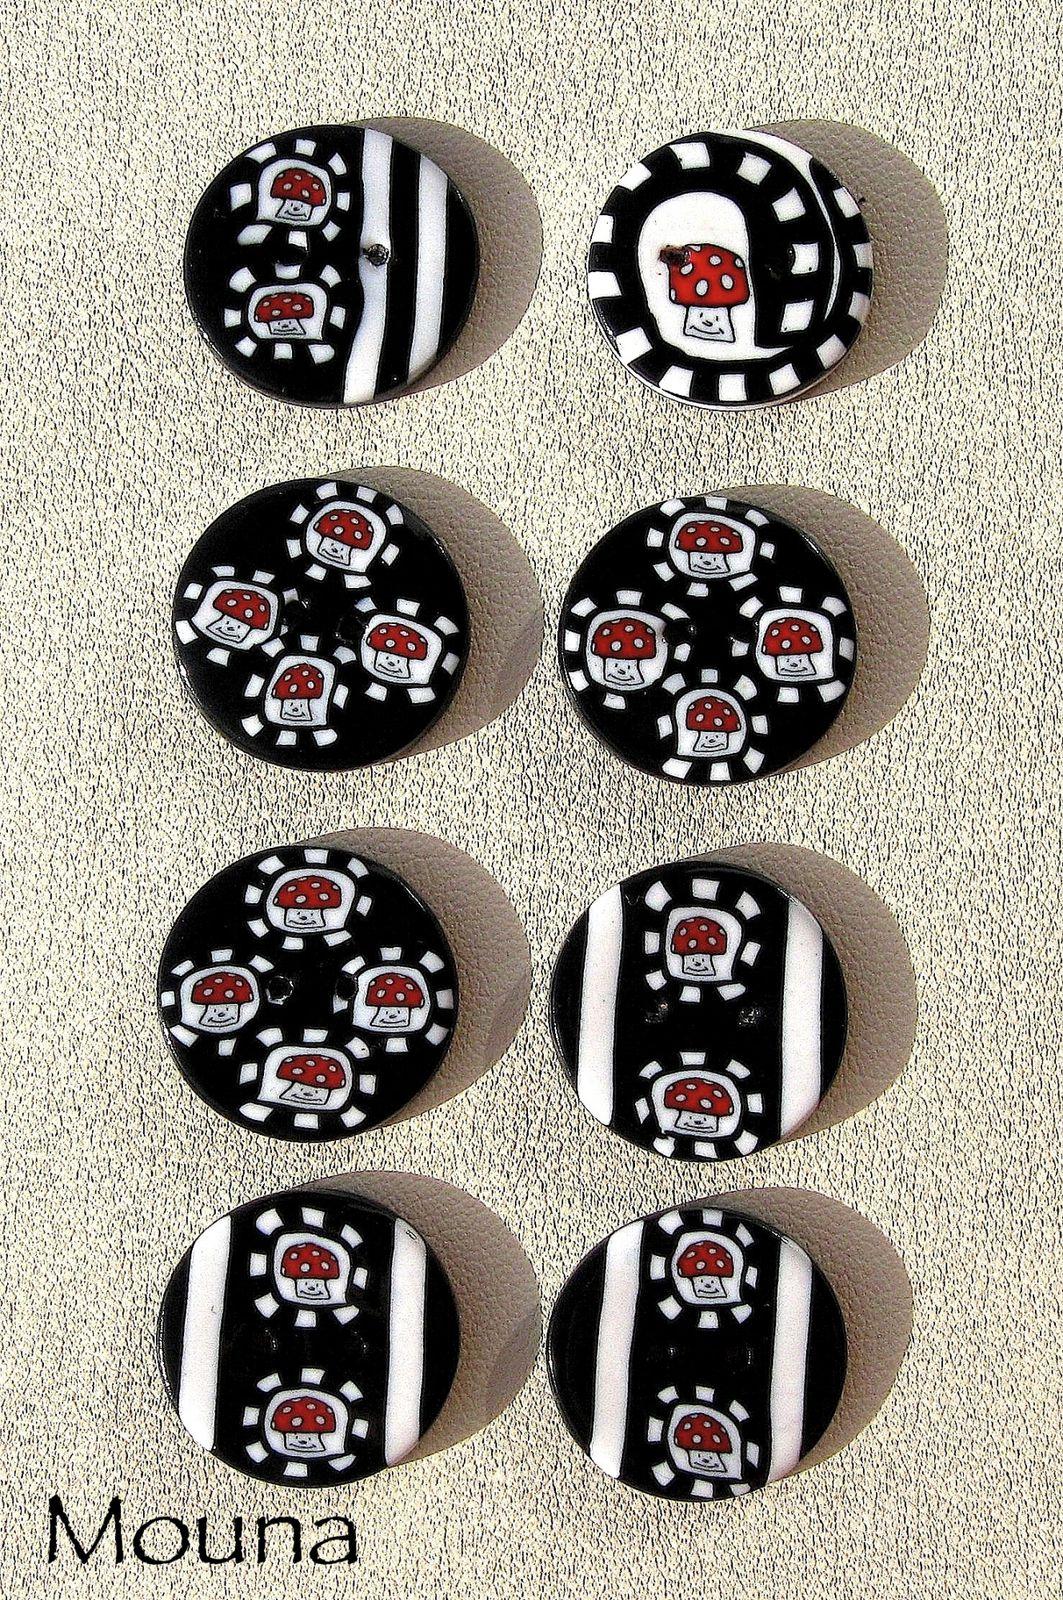 Tarifs: 50 cents à 1,50 euros le bouton (pour connaître le prix et la disponibilité, cliquez sur le bouton).